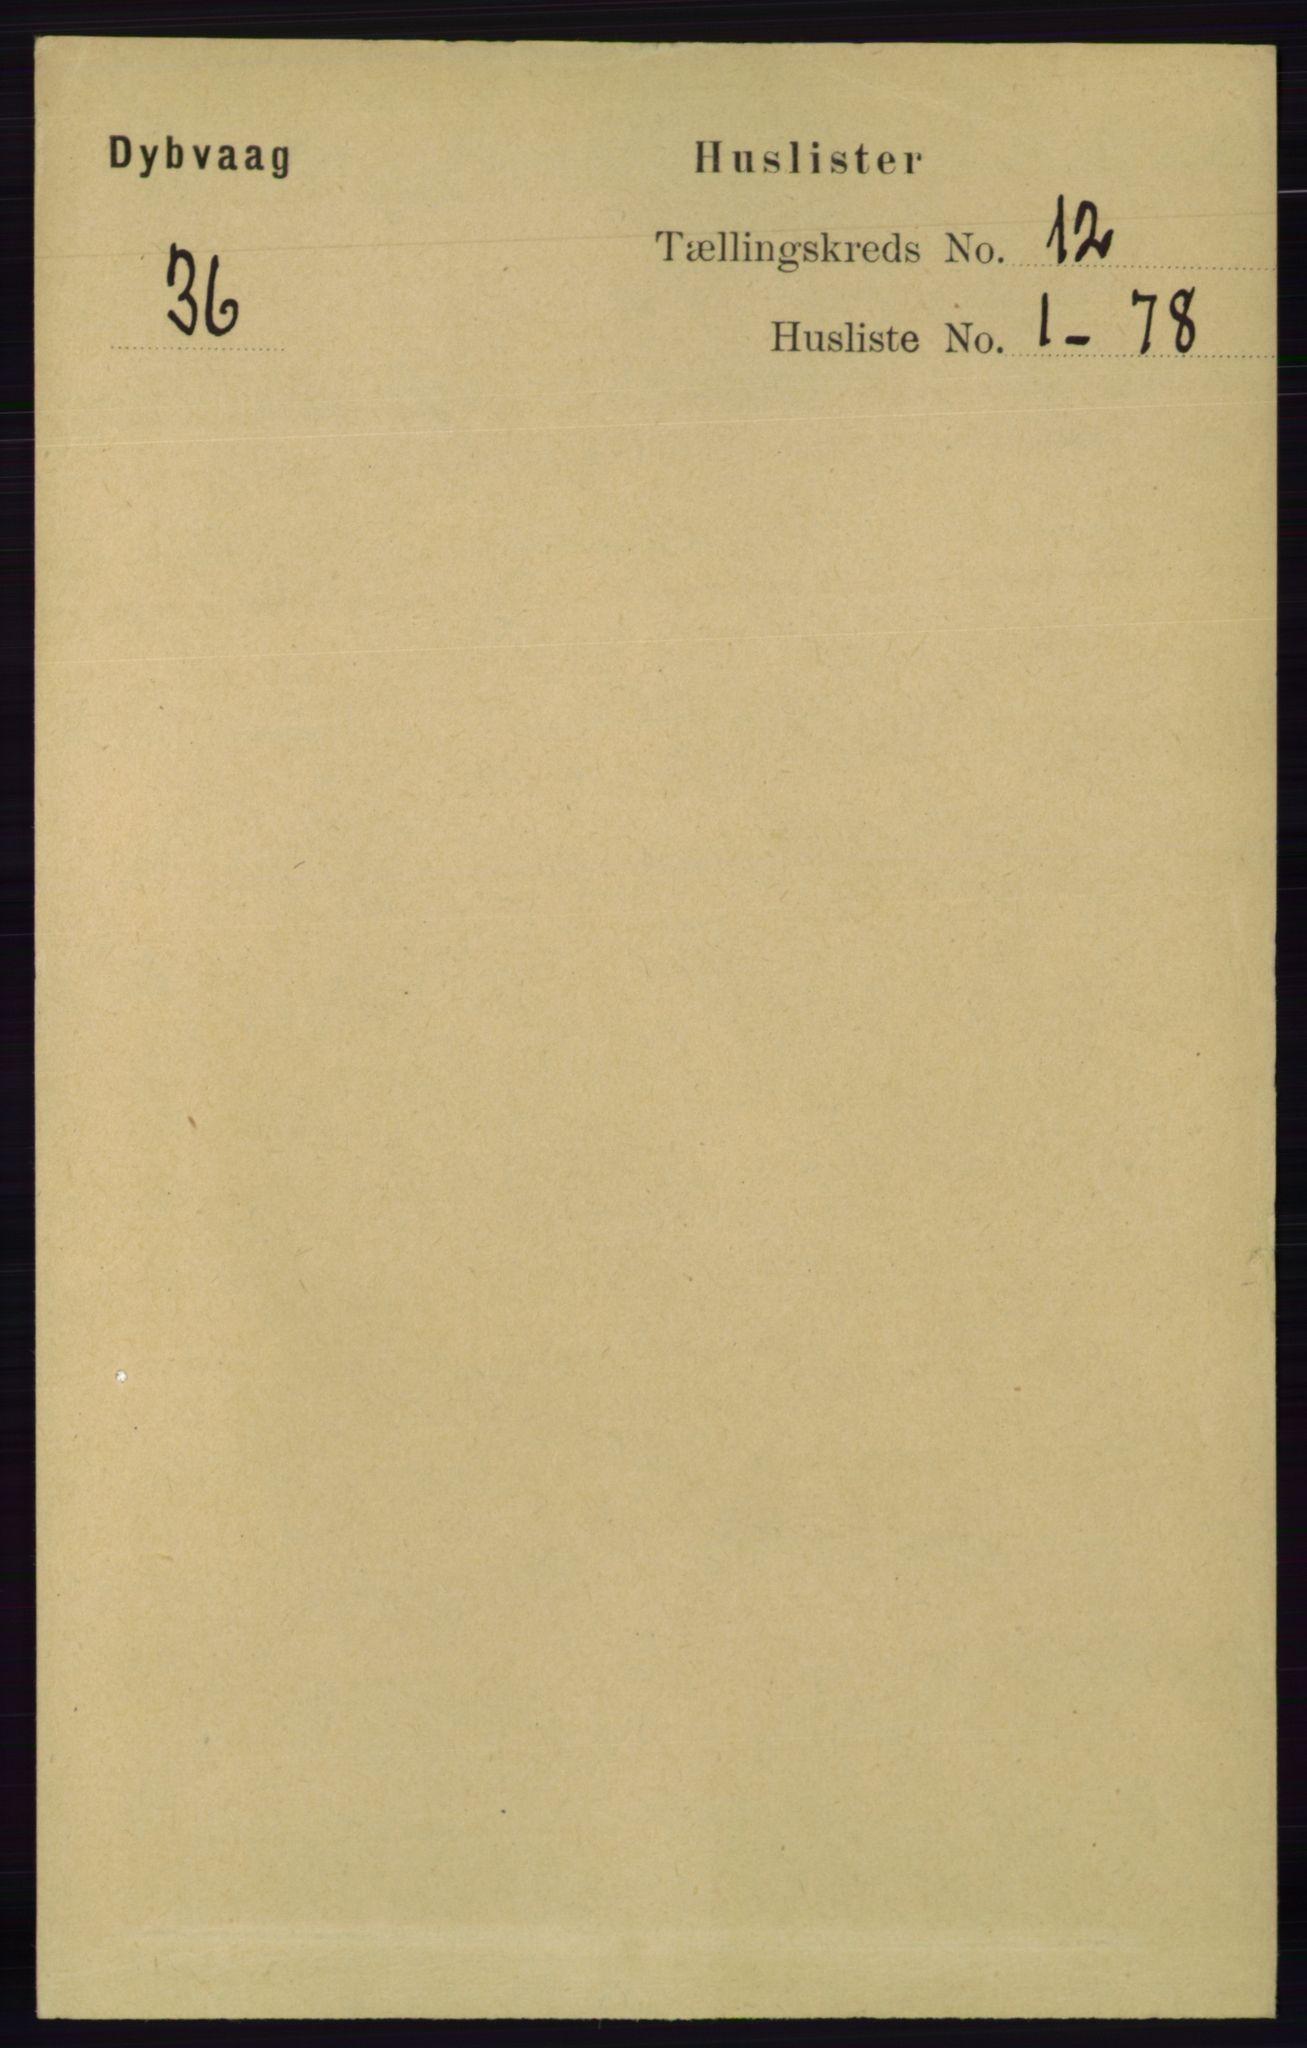 RA, Folketelling 1891 for 0915 Dypvåg herred, 1891, s. 4661